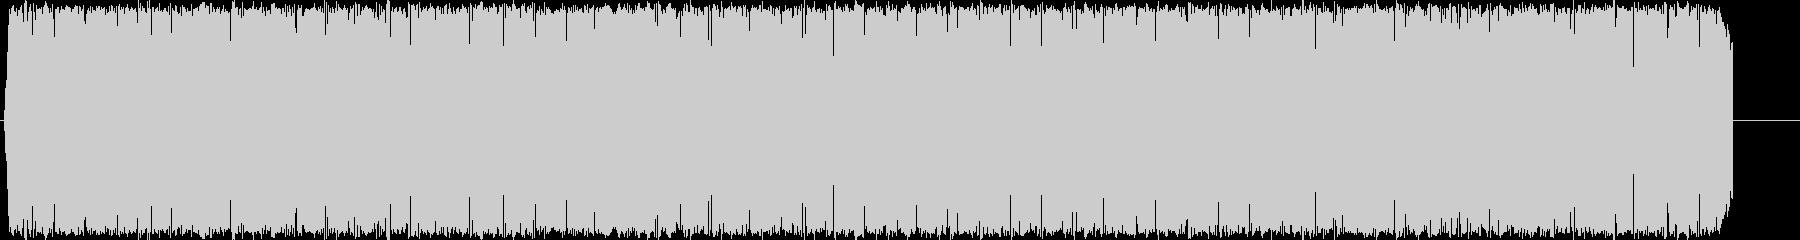 ピー音、レーザー、ビームの未再生の波形